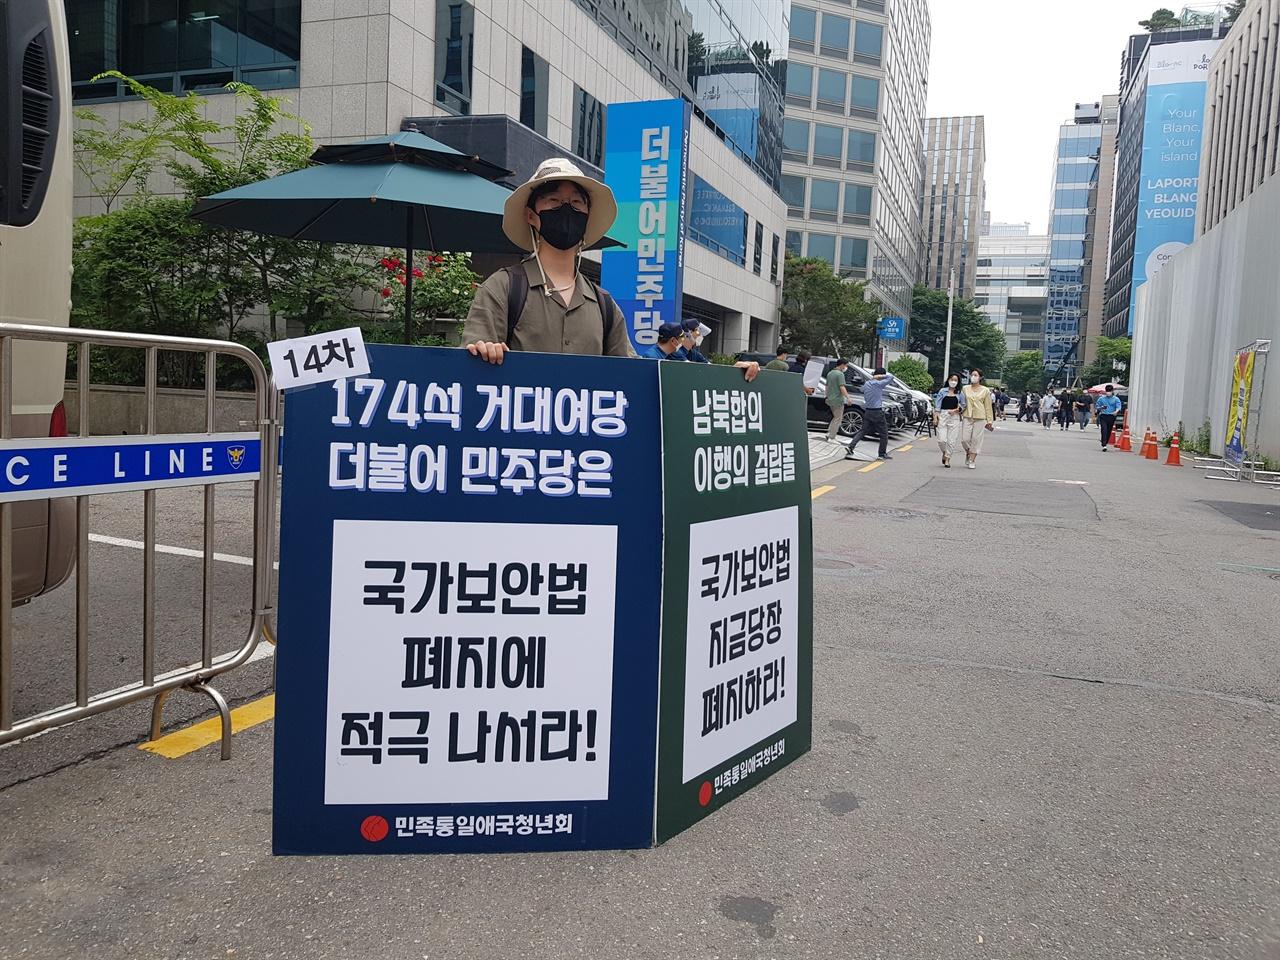 14차 민주당사 앞 국가보안법 폐지 수요시위